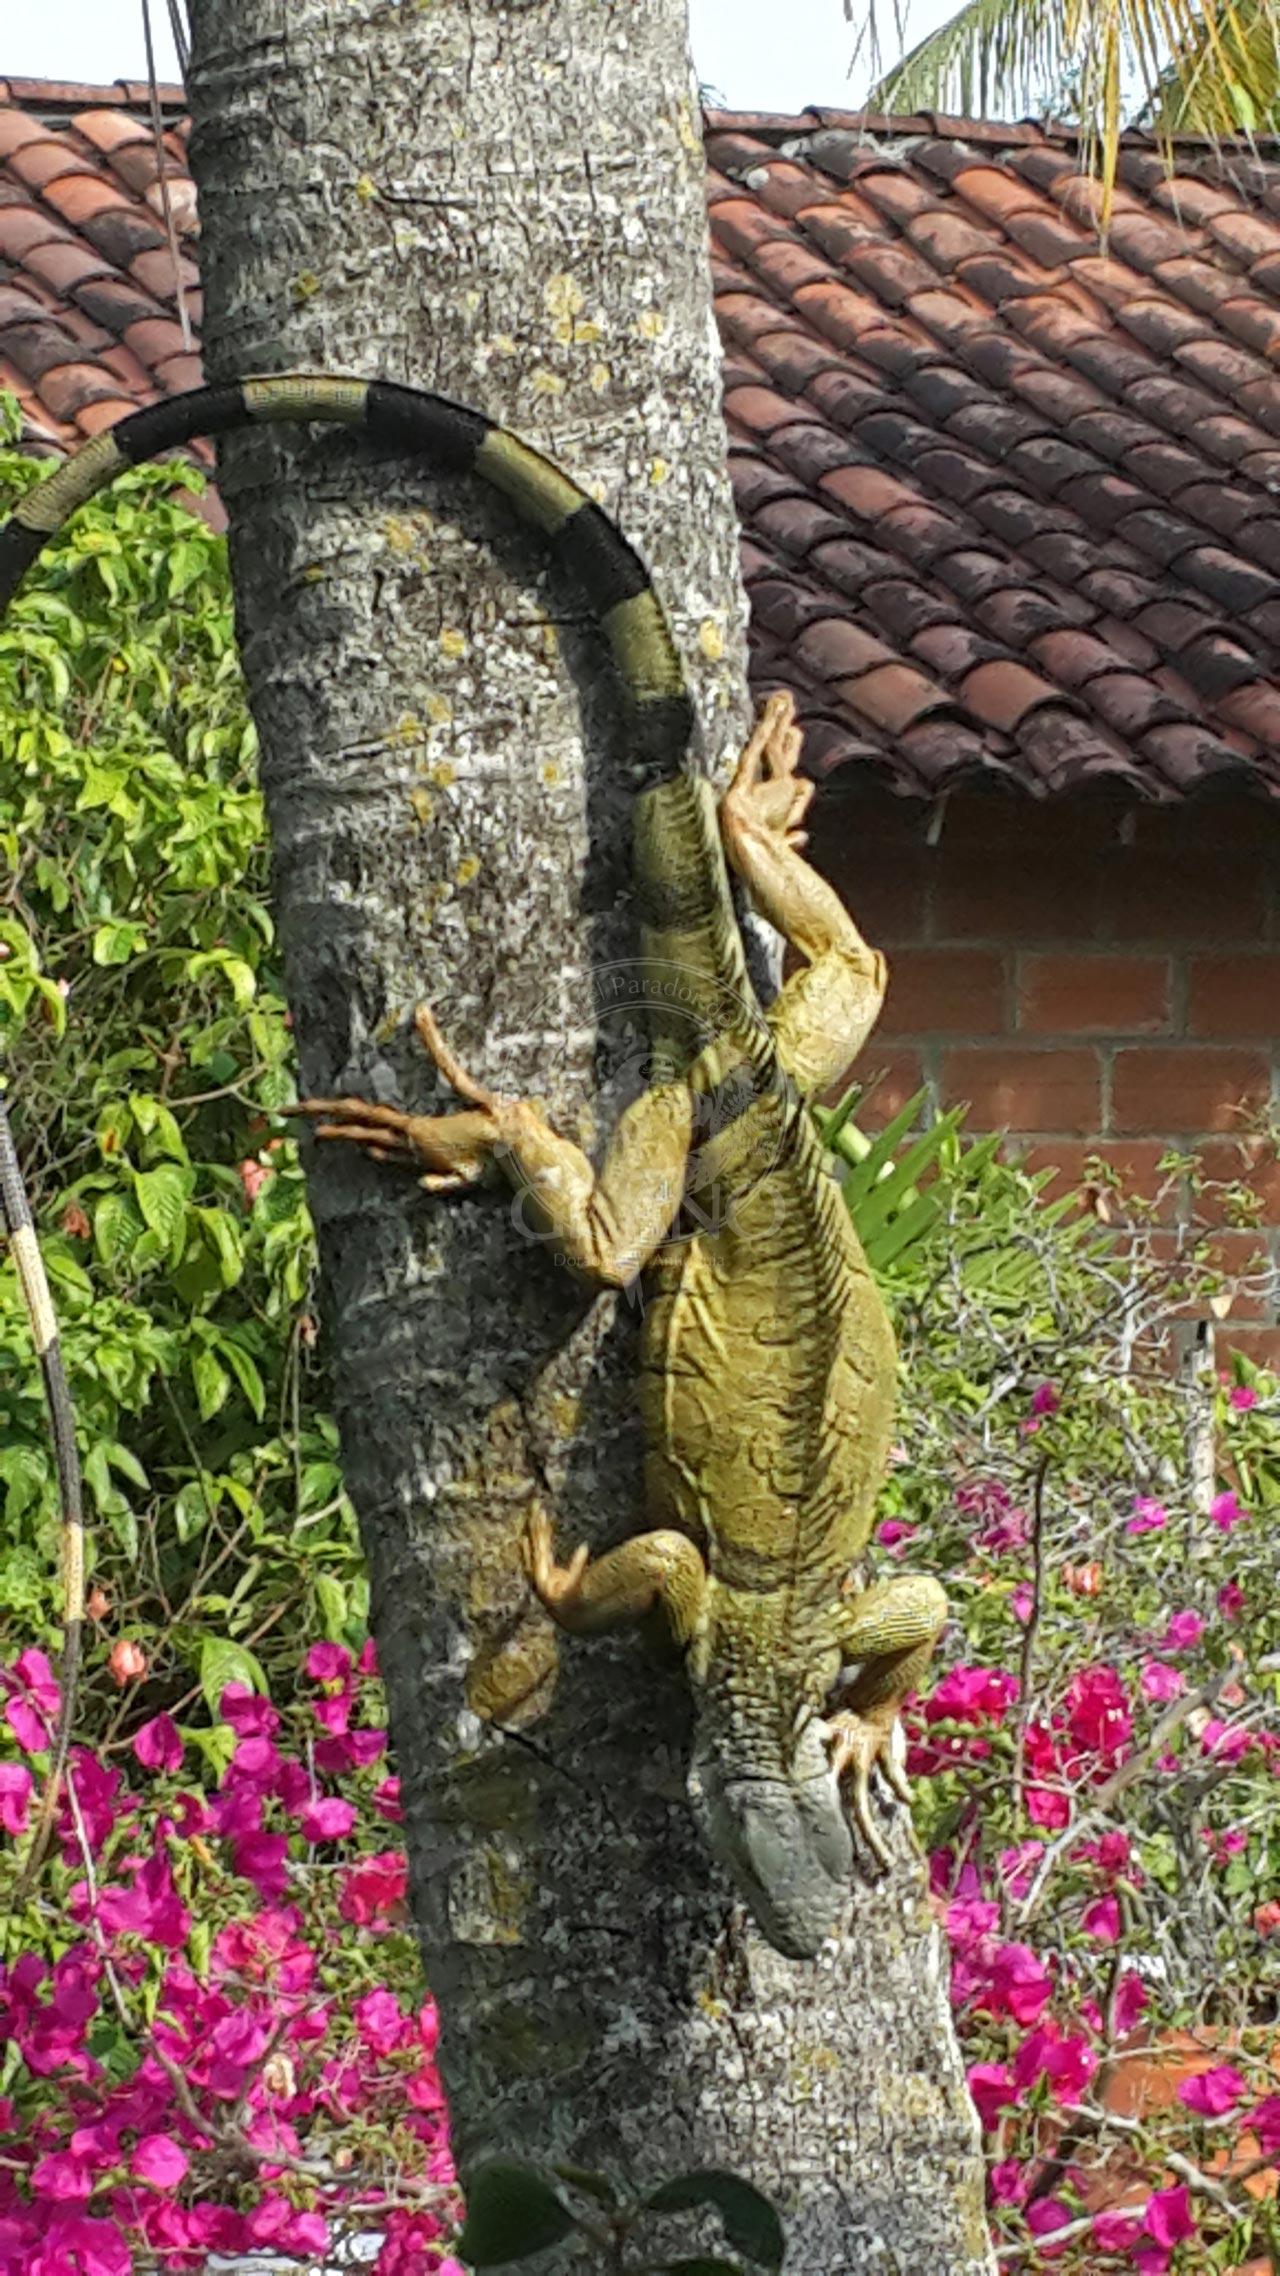 La fauna silvestre en su entorno natural Hotel & Restaurante Parador del Gitano